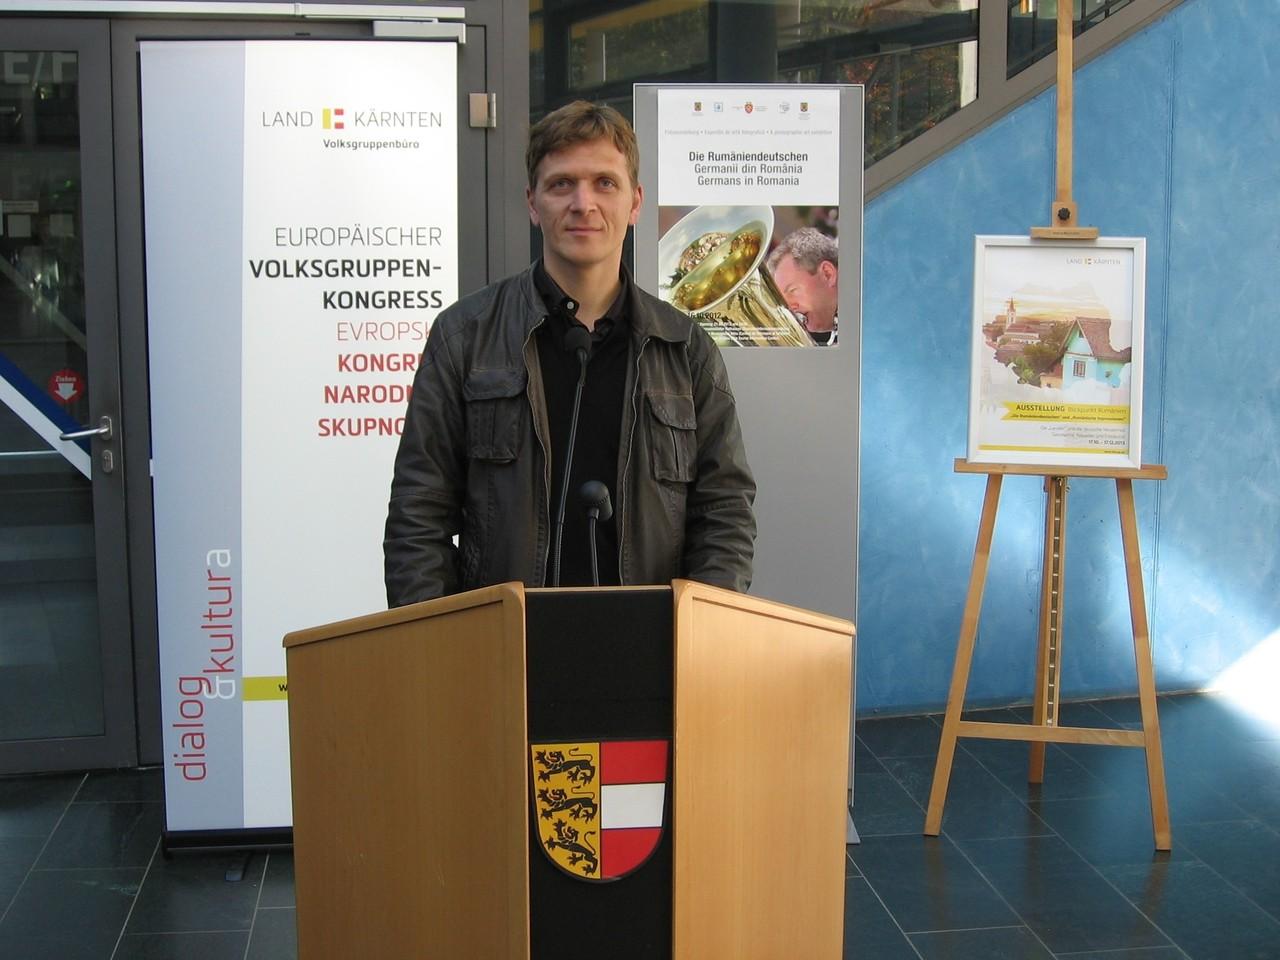 Salonul Naţional Germanii din România deschisă în Austria, 16 - 18 octombrie 2013